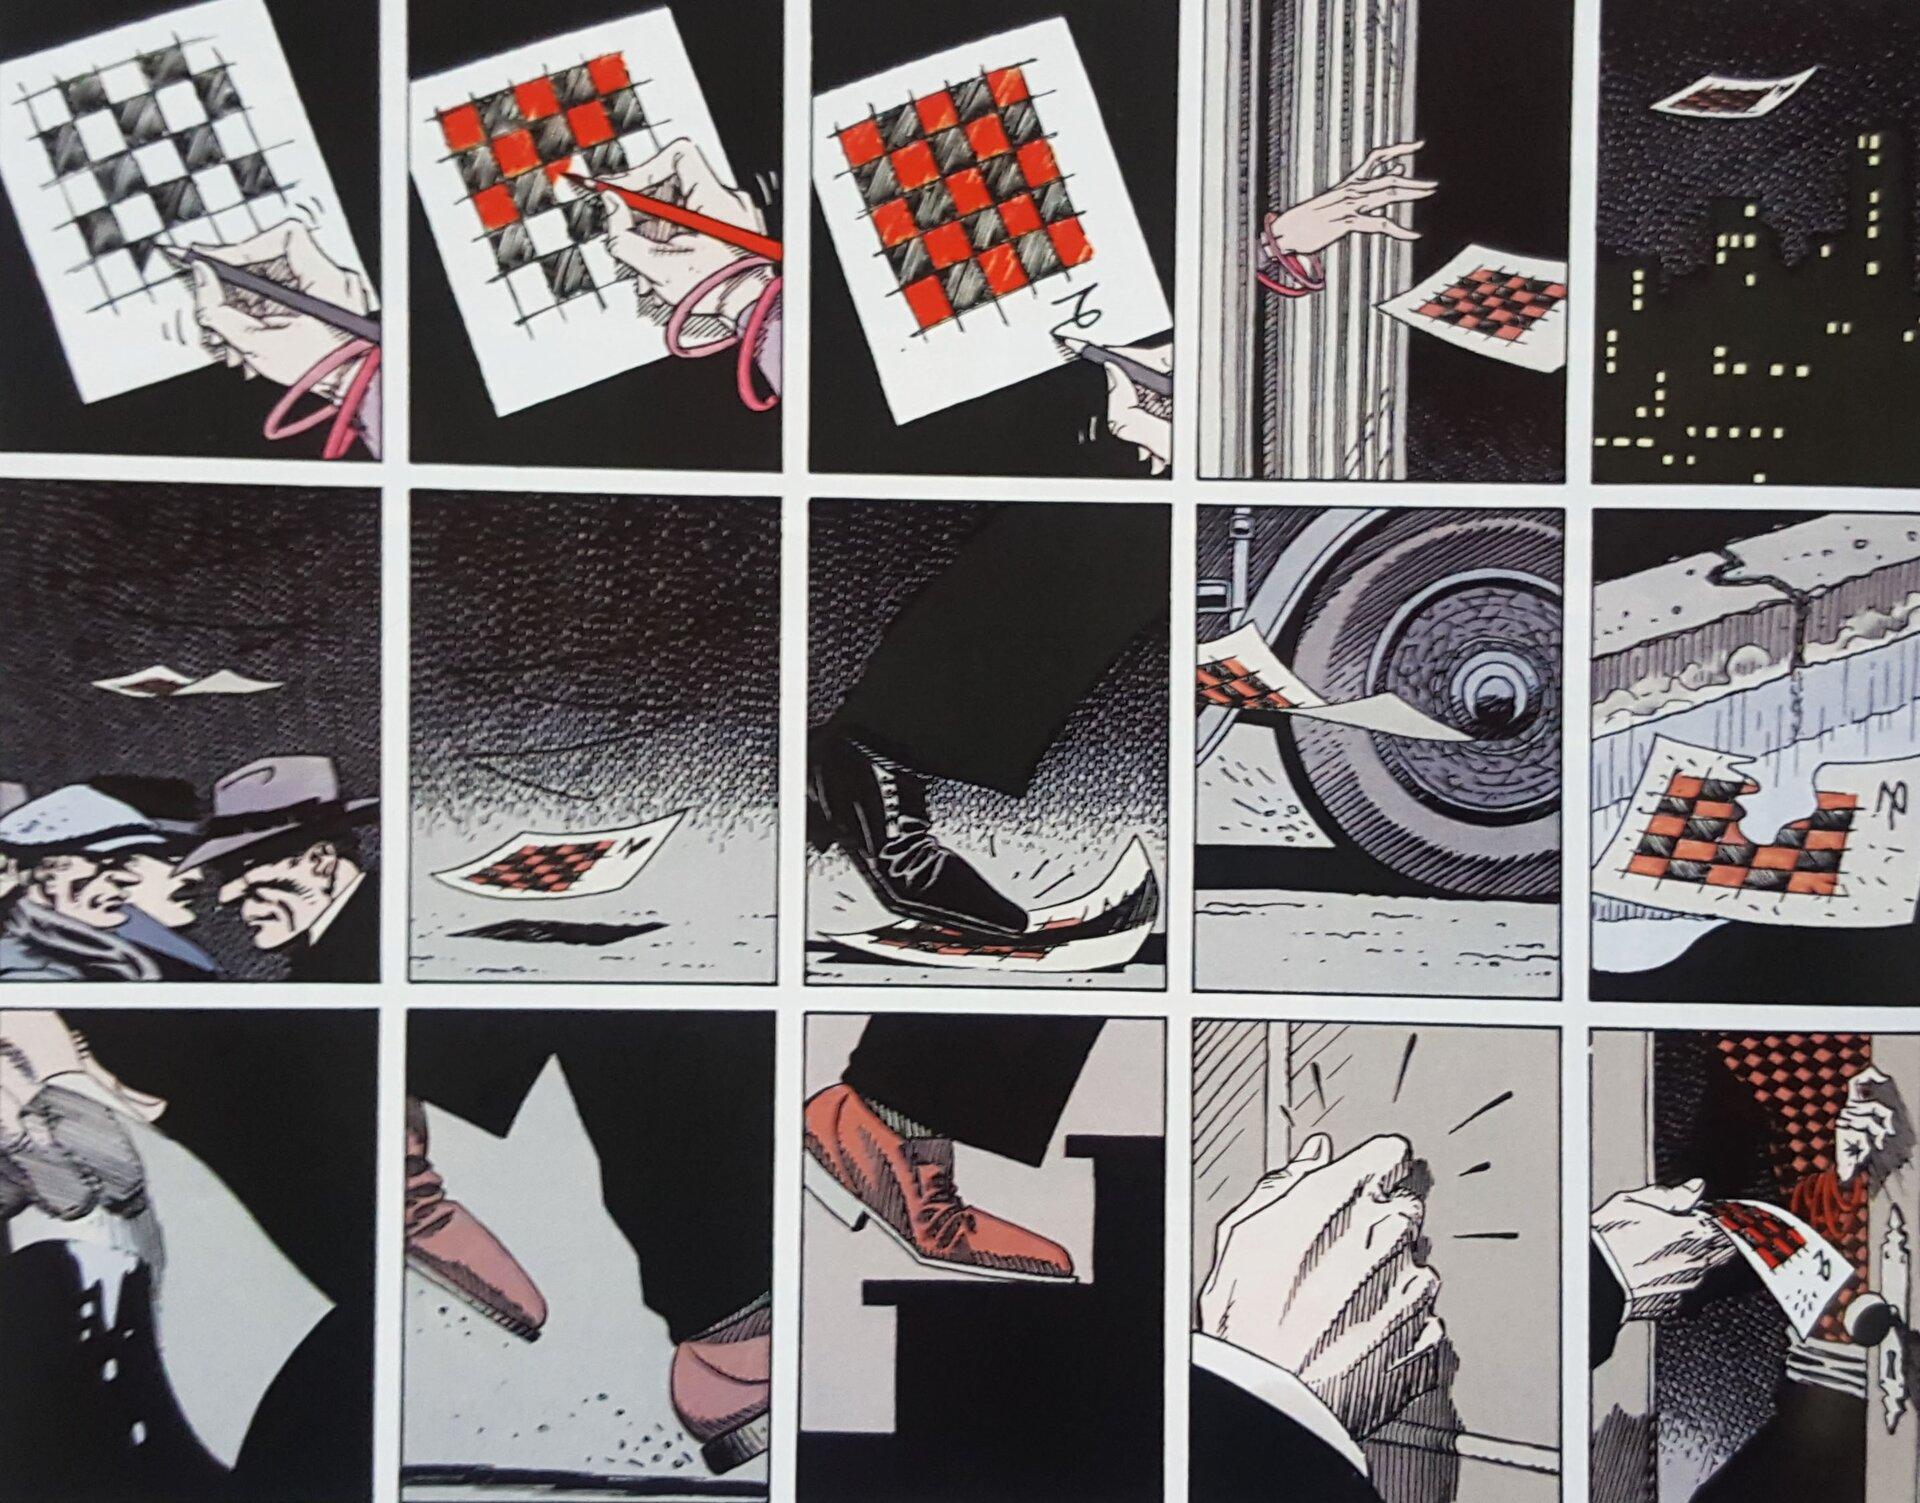 """Ilustracja przedstawia fragment komiksu """"Rork. Koziorożec"""". Ukazuje piętnaście rysunków, po pięć wrzędzie. Wpierwszym rzędzie znajduje się sekwencja zamalowania na kartce białych kratek szachownicy na czerwono, po czym dłoń wyrzuca ją przez okno. Wrzędzie drugim ukazany jest upadek kartki na chodnik, która miota się pod stopami przechodniów, wpada pod koła samochodu iląduje wkałuży. Wtrzecim rzędzie kartka podniesiona jest przez mężczyznę, który udaje się do mieszkania, którego ściana jest pomalowana wmotywie znajdującym się na kartce."""